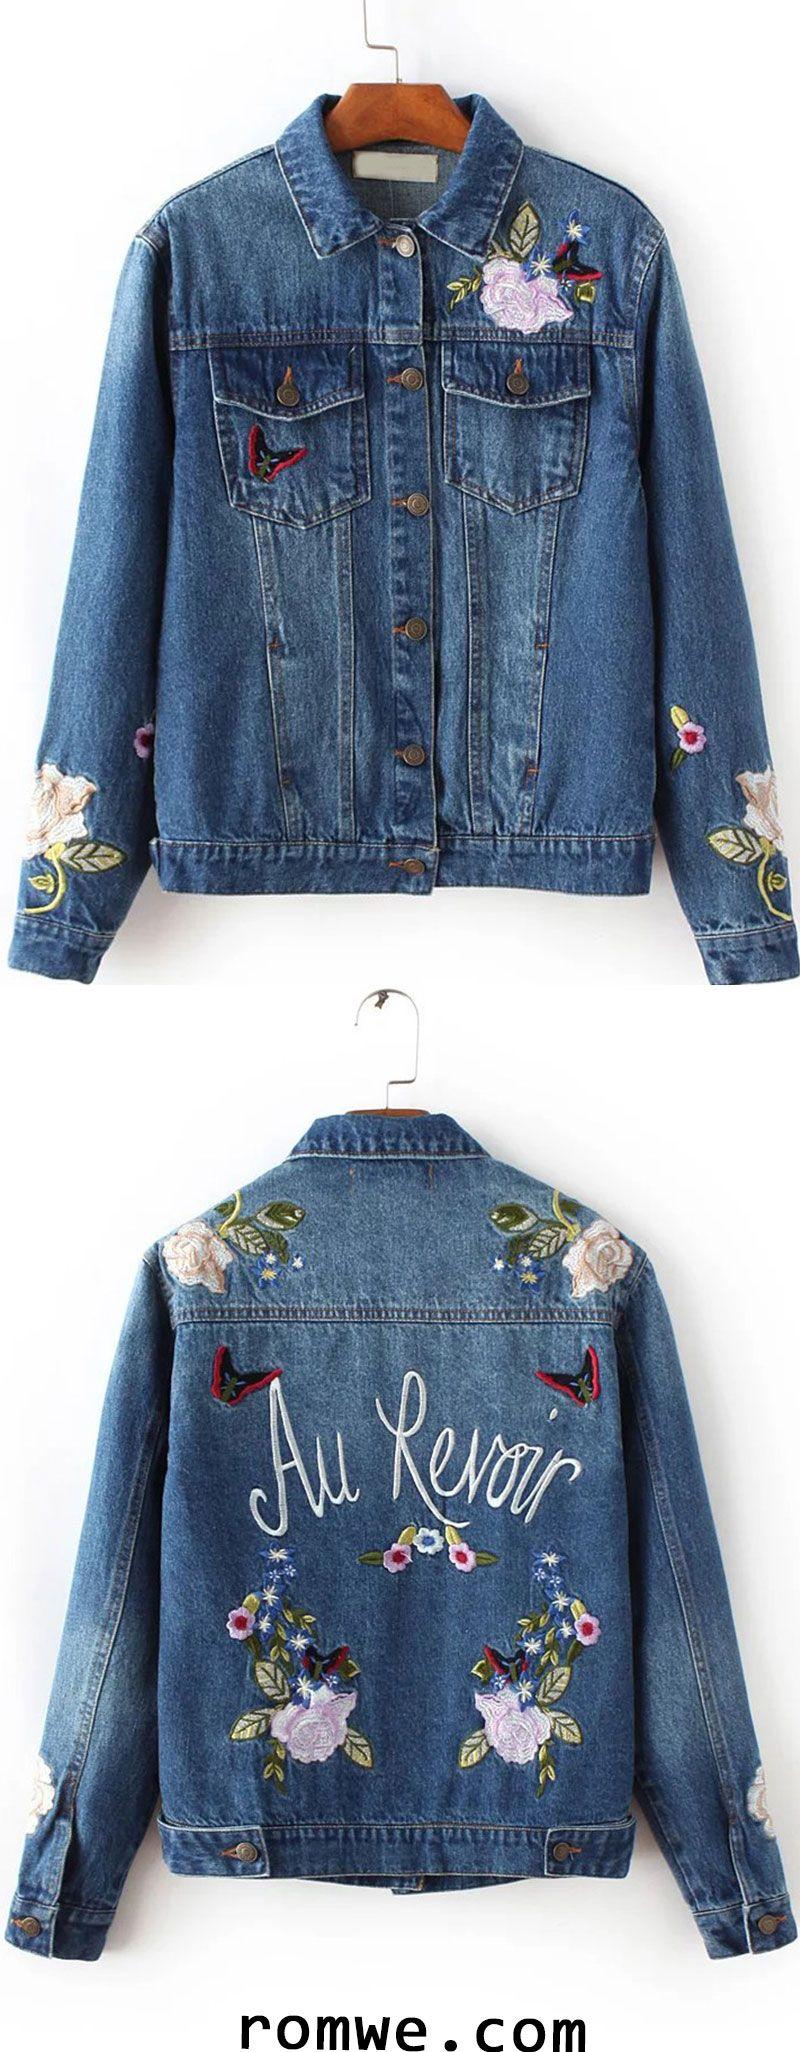 Blue Floral Embroidery Denim Jacket Diy Denim Jacket Denim Diy Denim Jacket Embroidery [ 2052 x 800 Pixel ]